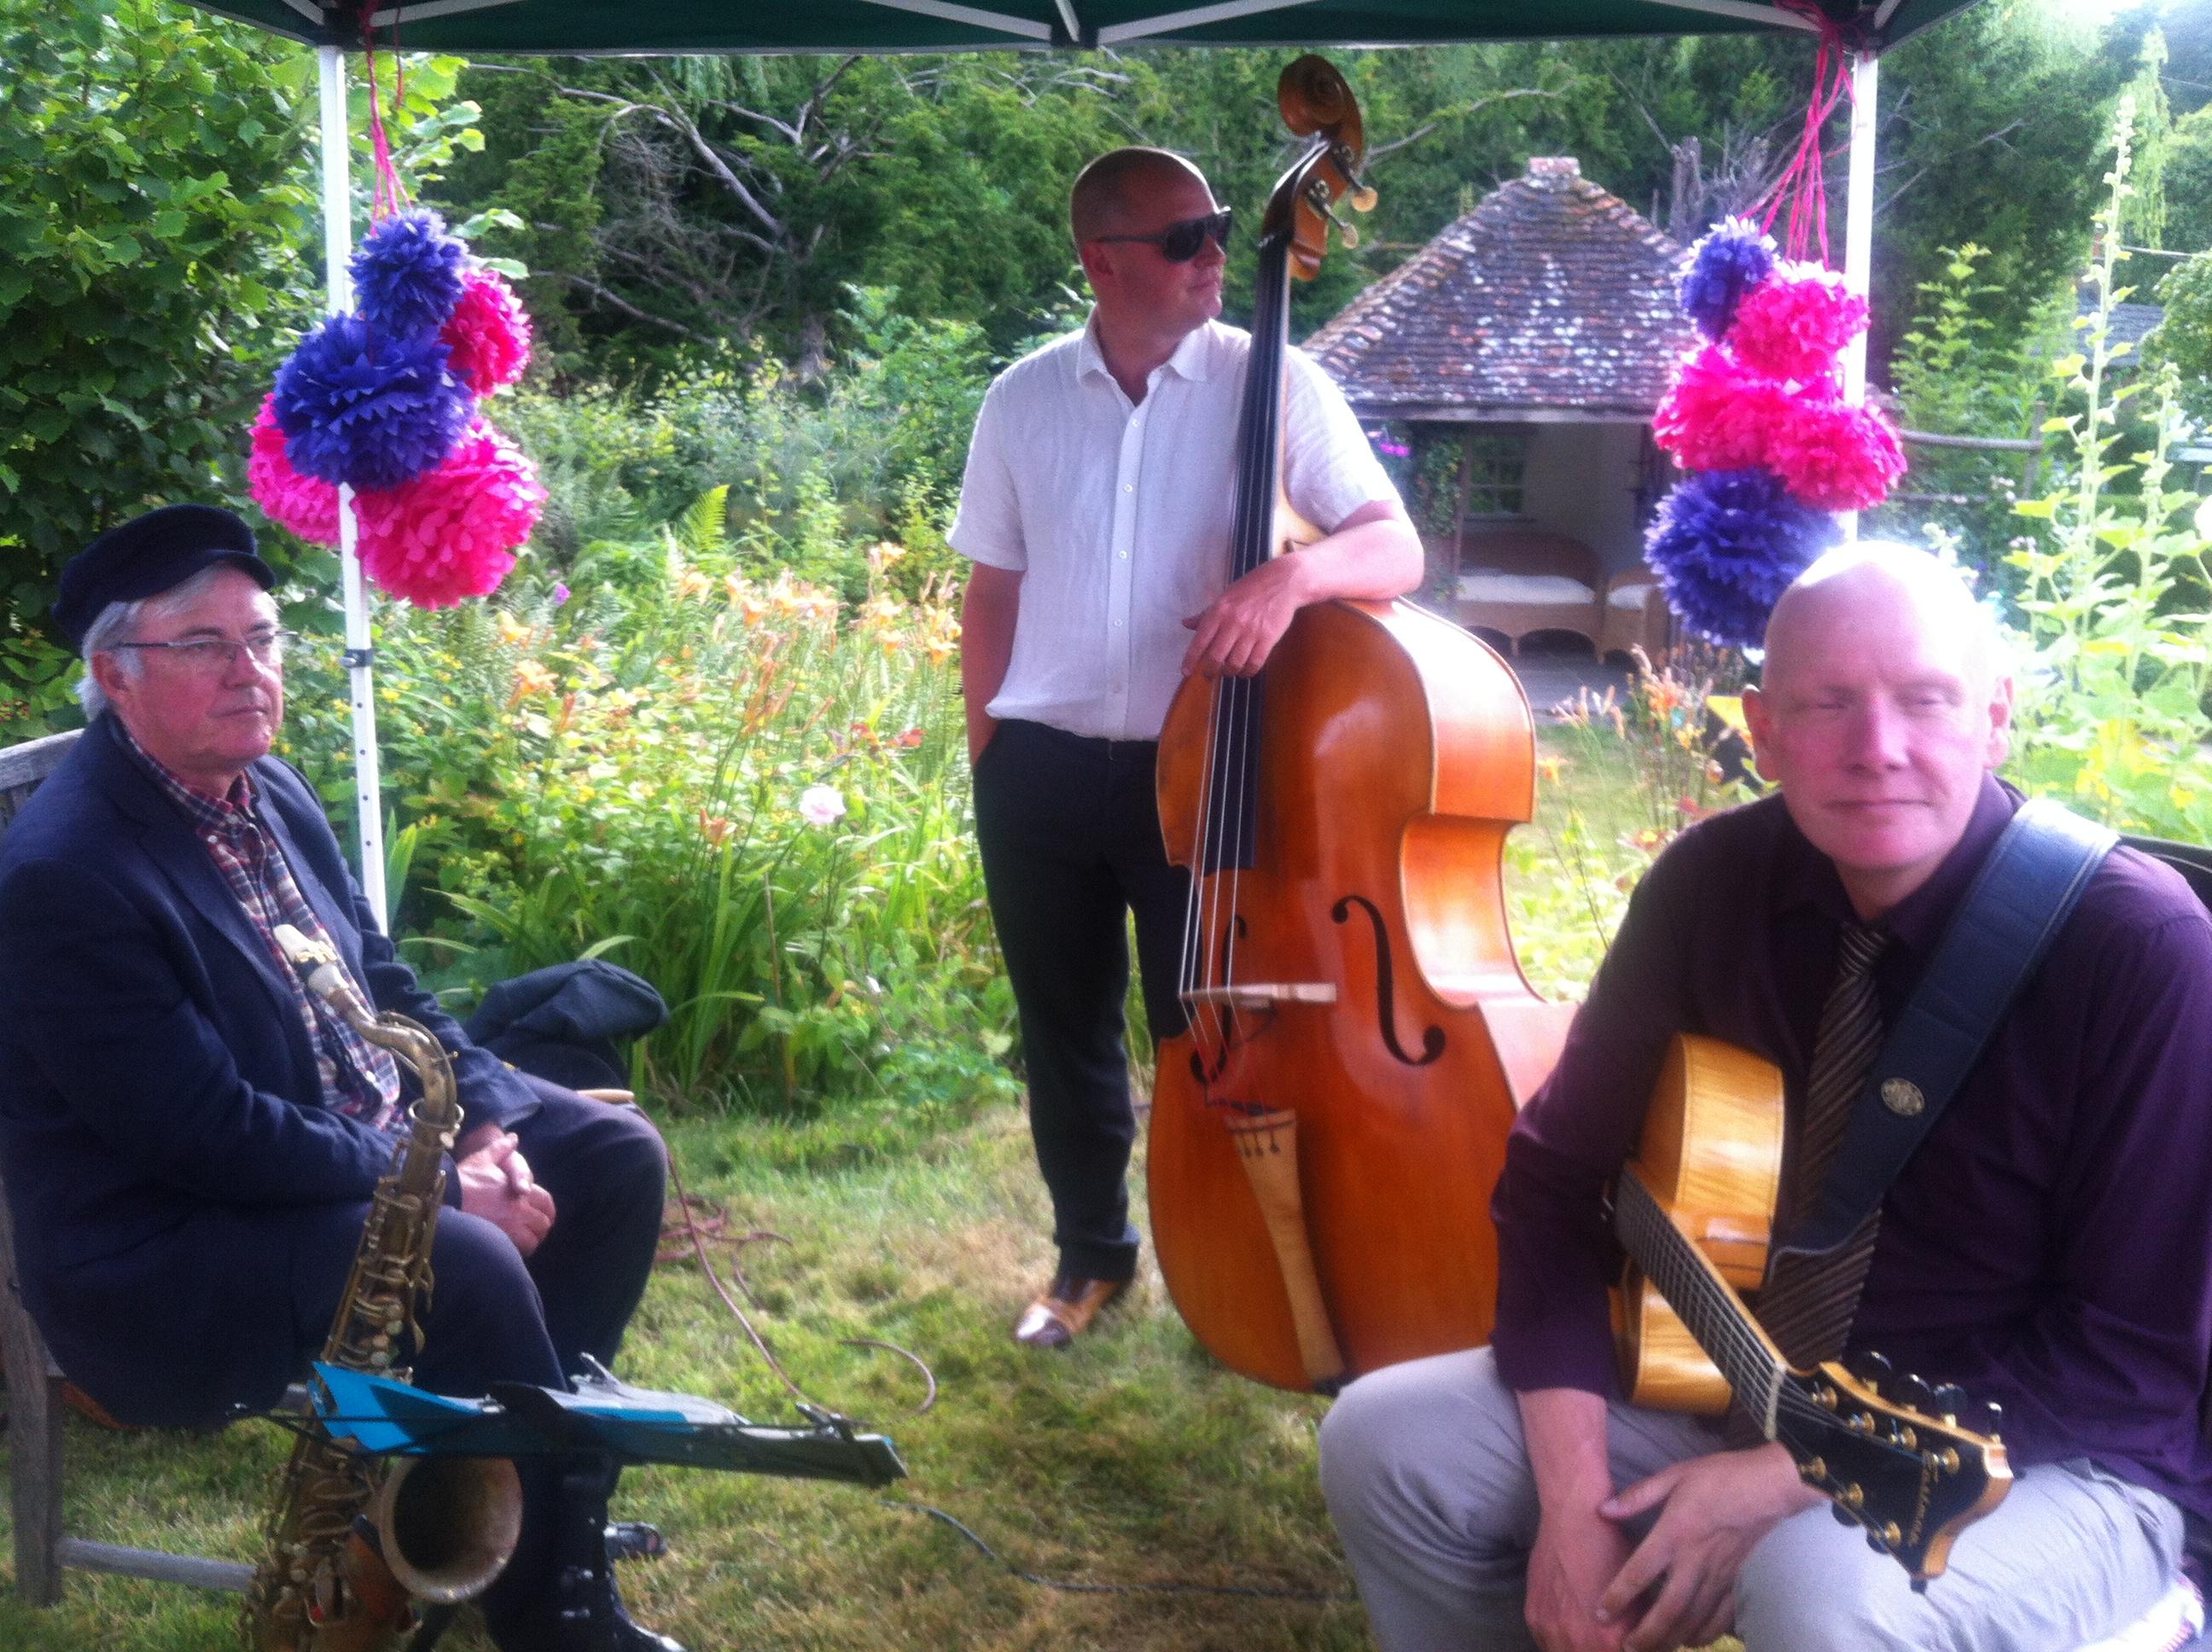 Relaxing between songs at garden party